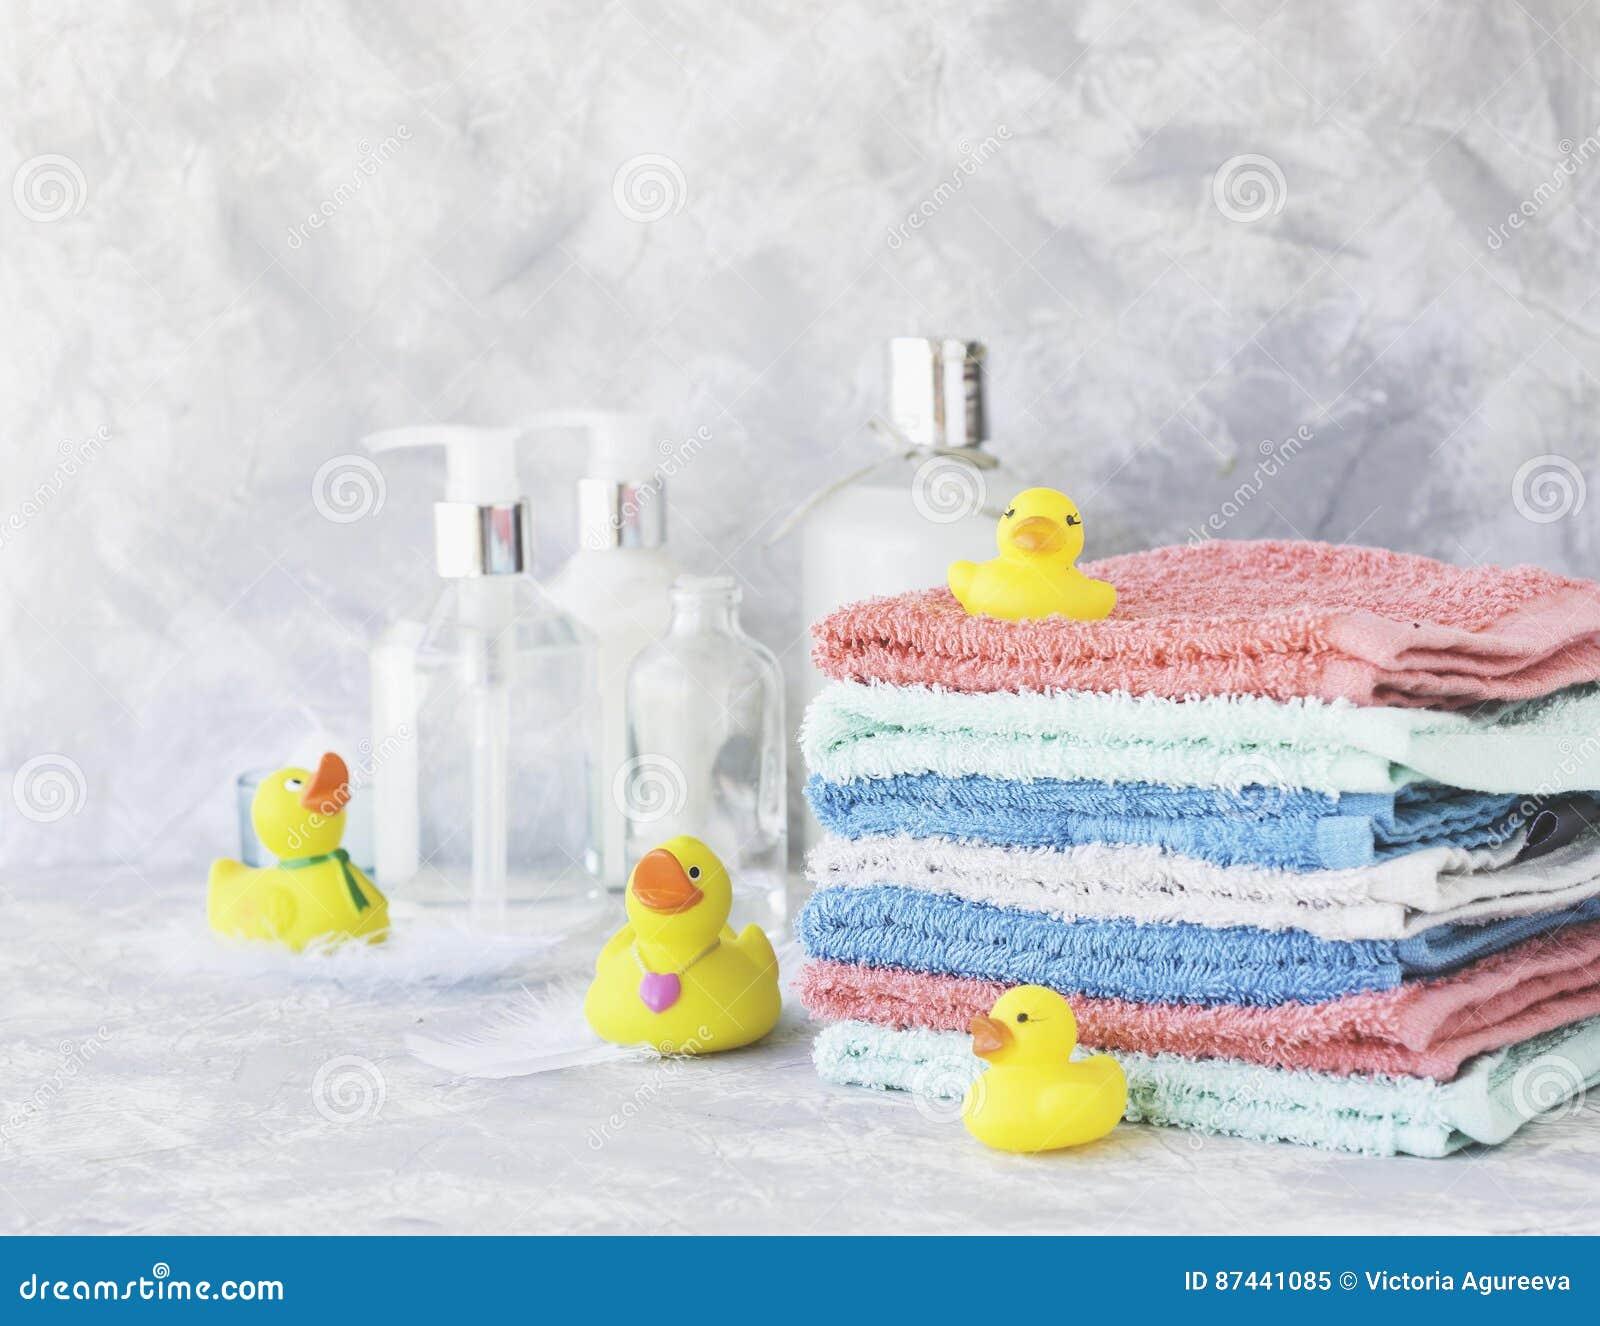 La pila de toallas con el baño de goma amarillo ducks en el fondo de mármol blanco, espacio para el texto, foco selectivo